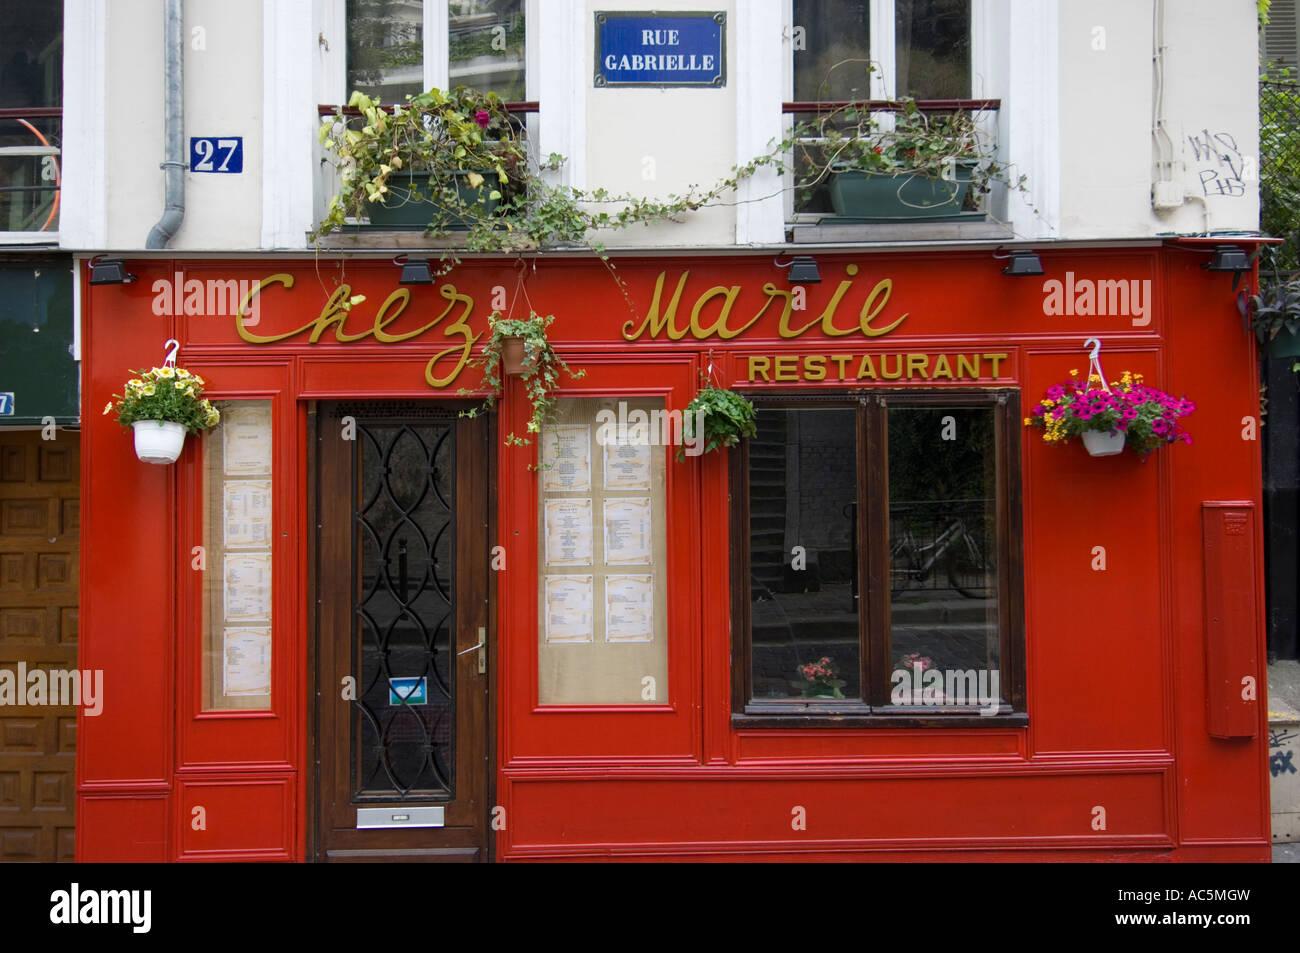 Chez marie restaurant montmartre rue gabrielle paris for Restaurant chez marie marseille